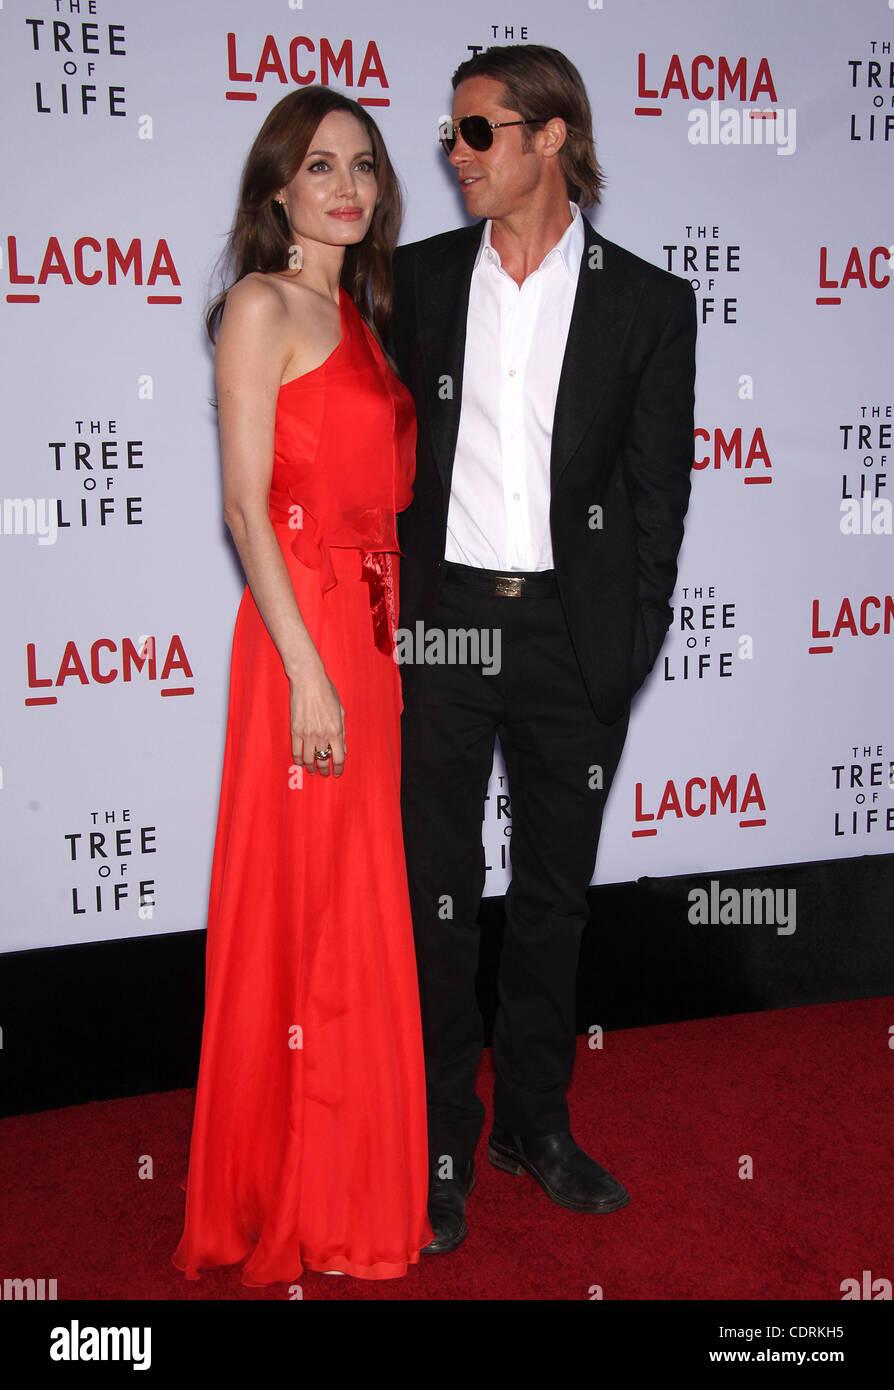 Mayo 24, 2011 - Los Angeles, California, EE.UU. - Angelina Jolie y Brad Pitt llega para el estreno de la película Foto de stock